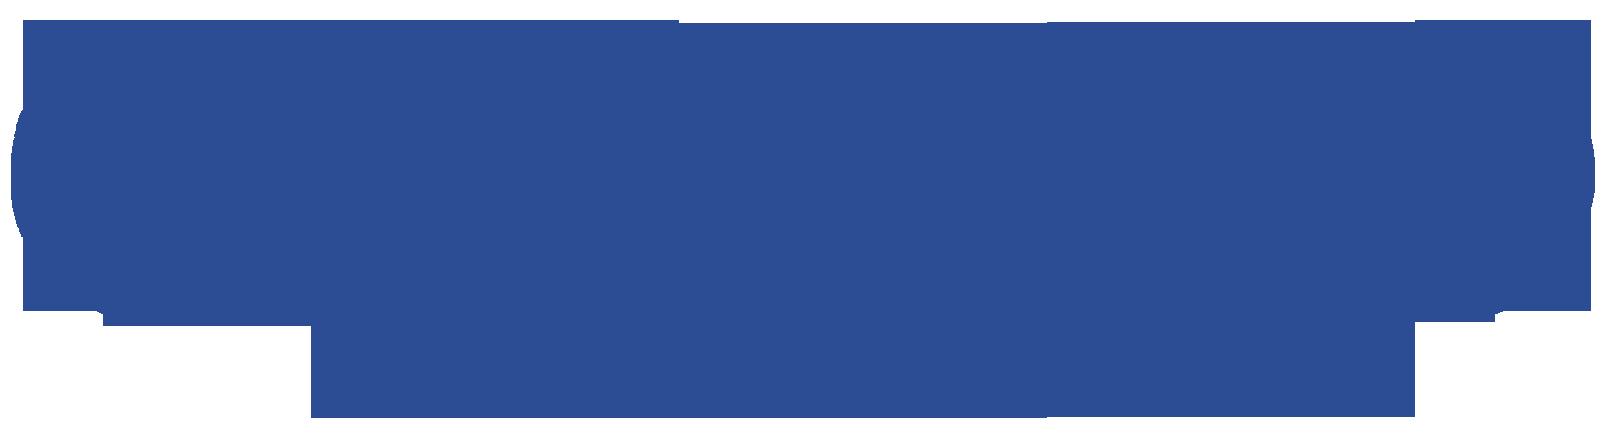 cropped-LOGO-APOYO.png